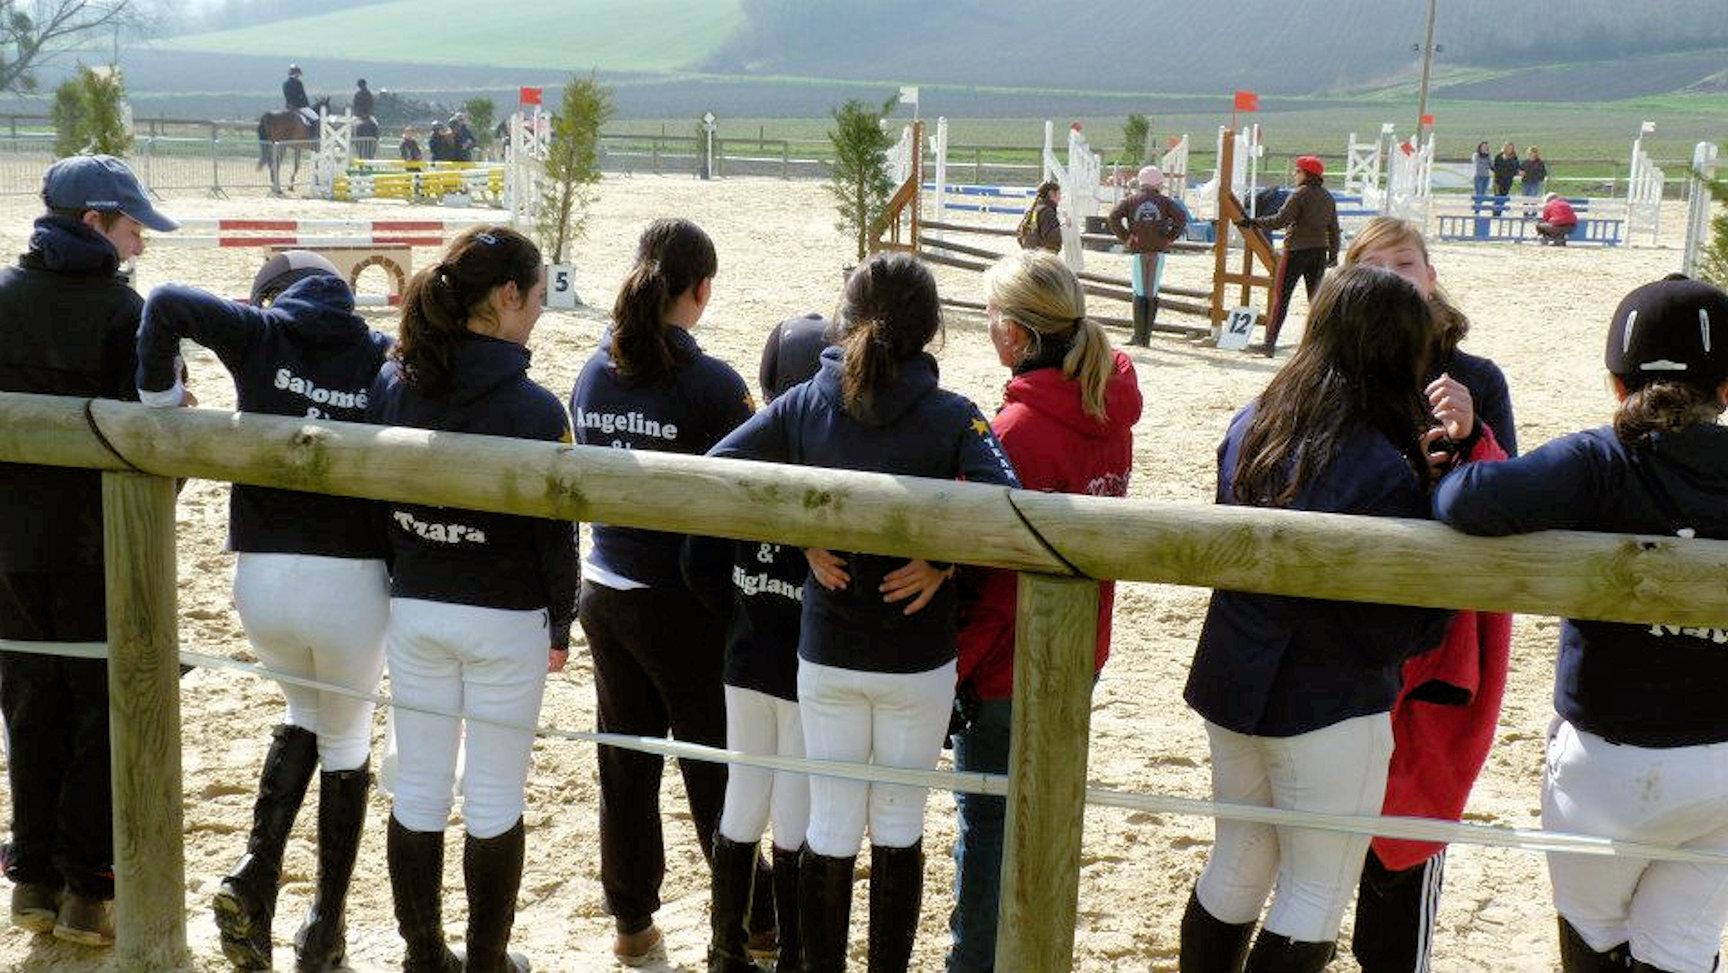 L'equipe de concours en préparation